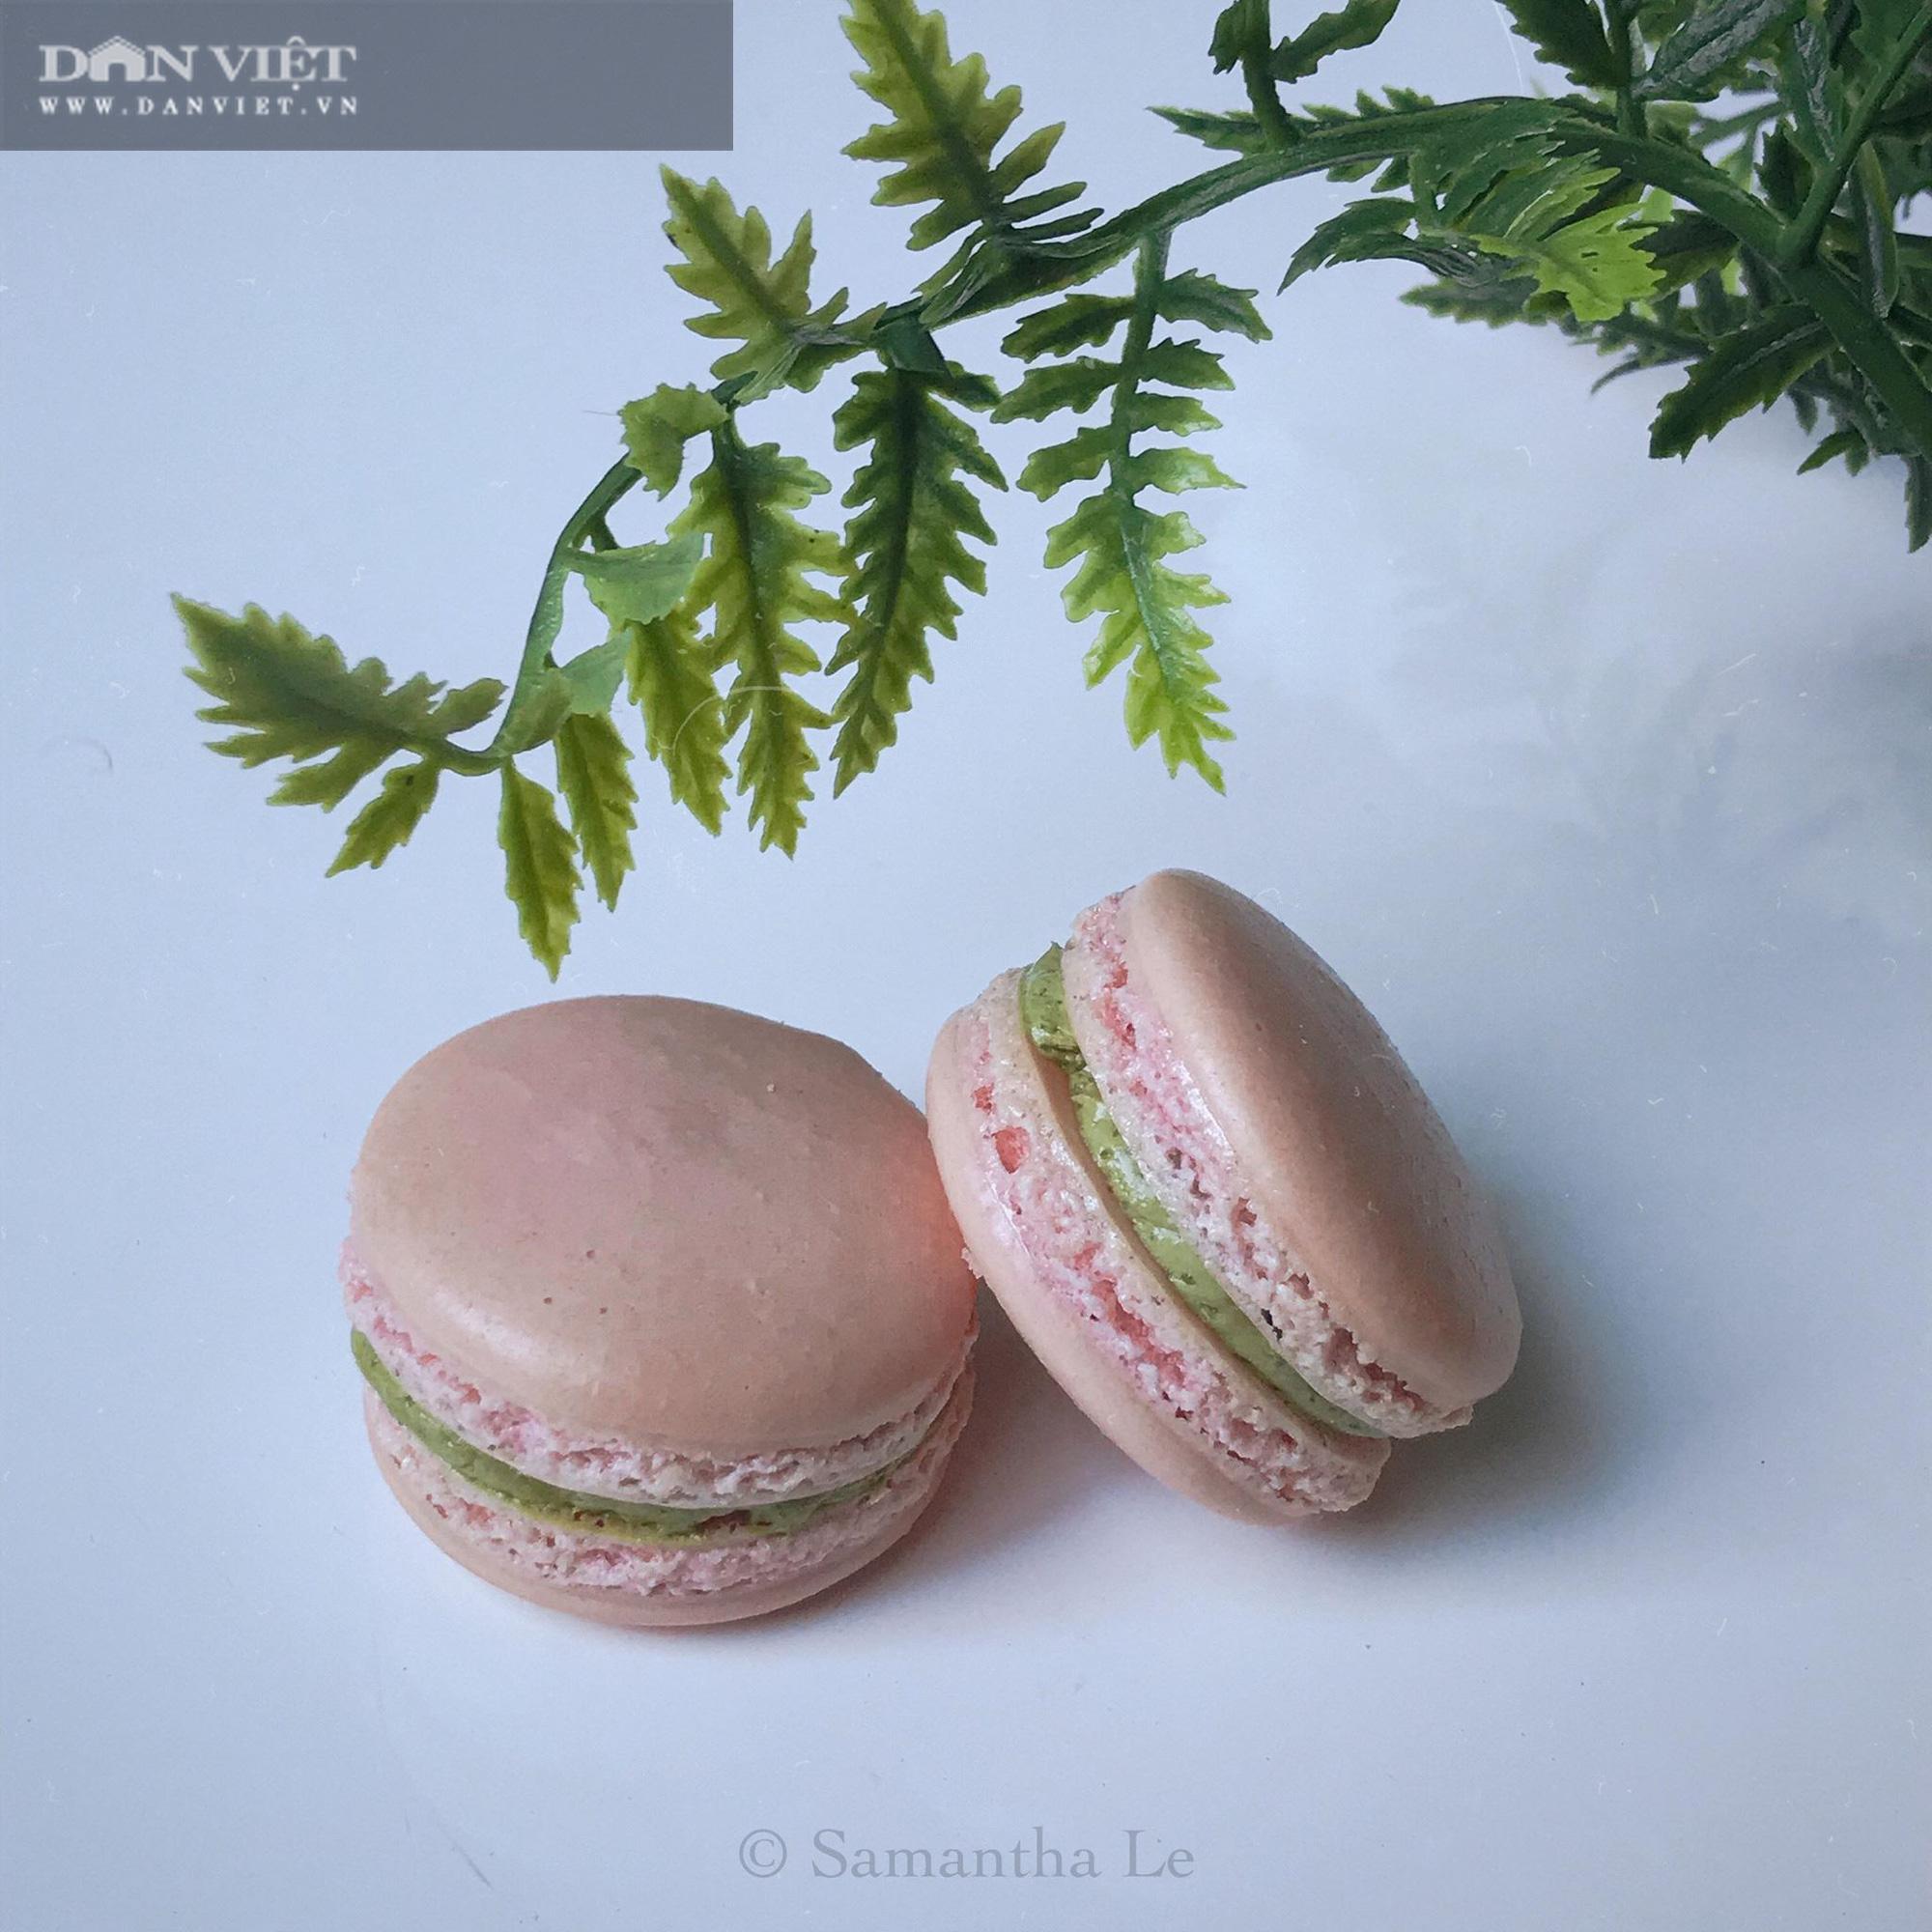 Cách làm món bánh Macaron chuẩn kiểu Pháp - Ảnh 2.